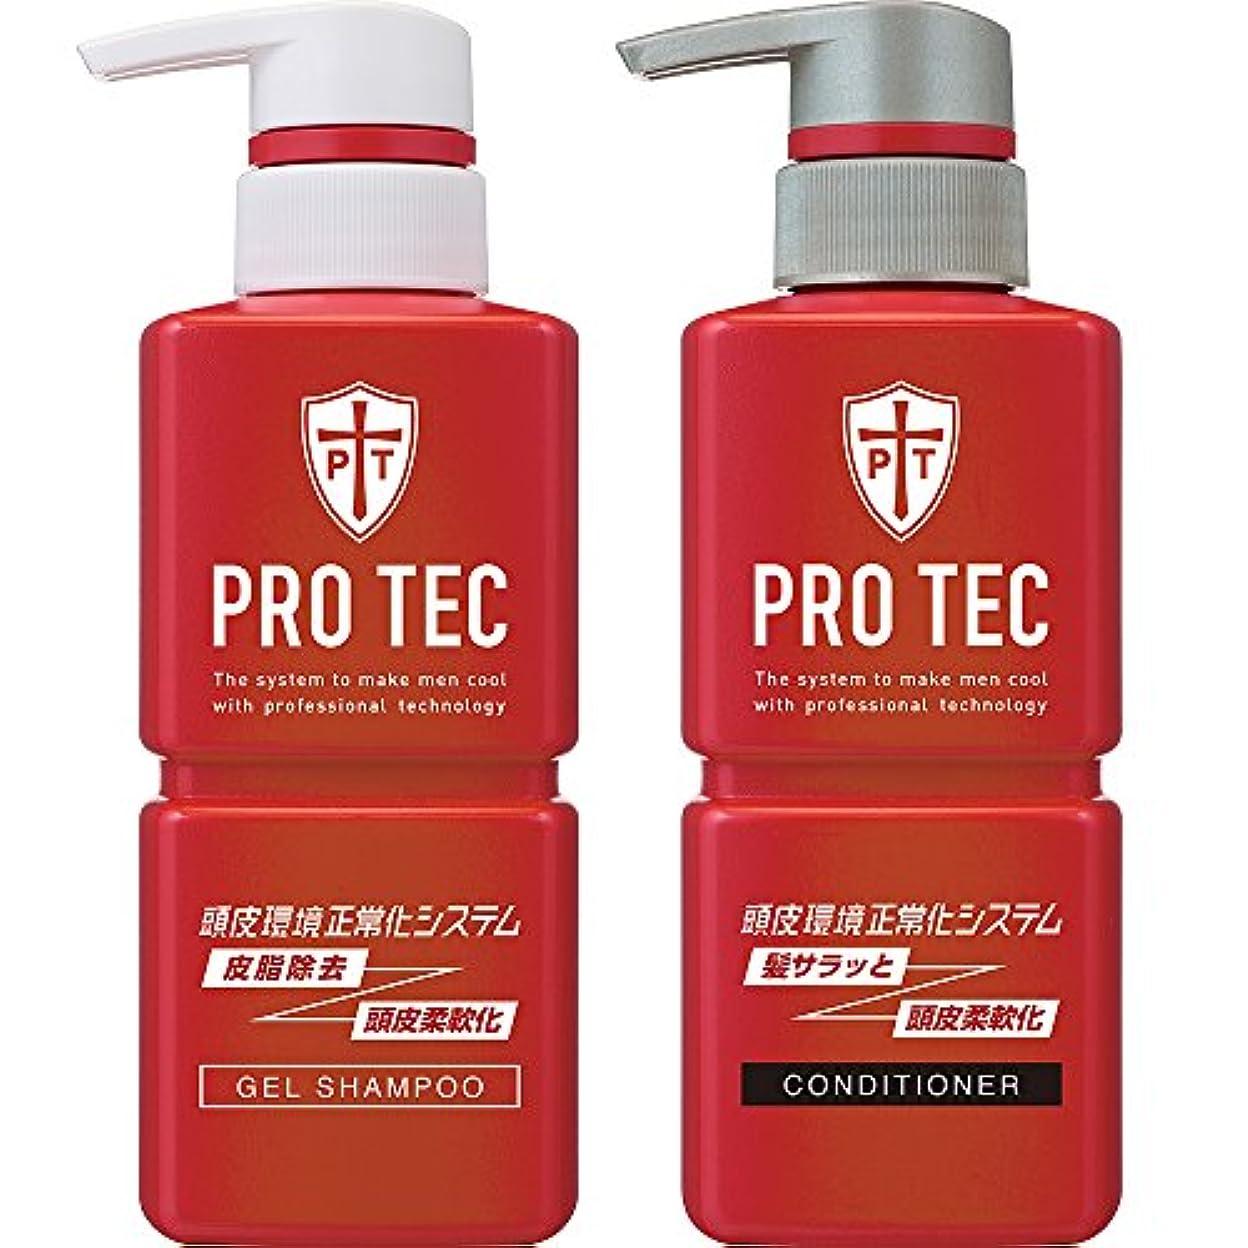 小麦シュリンク普通のPRO TEC(プロテク) 頭皮ストレッチ シャンプー ポンプ 300g(医薬部外品)+ コンディショナー ポンプ 300g